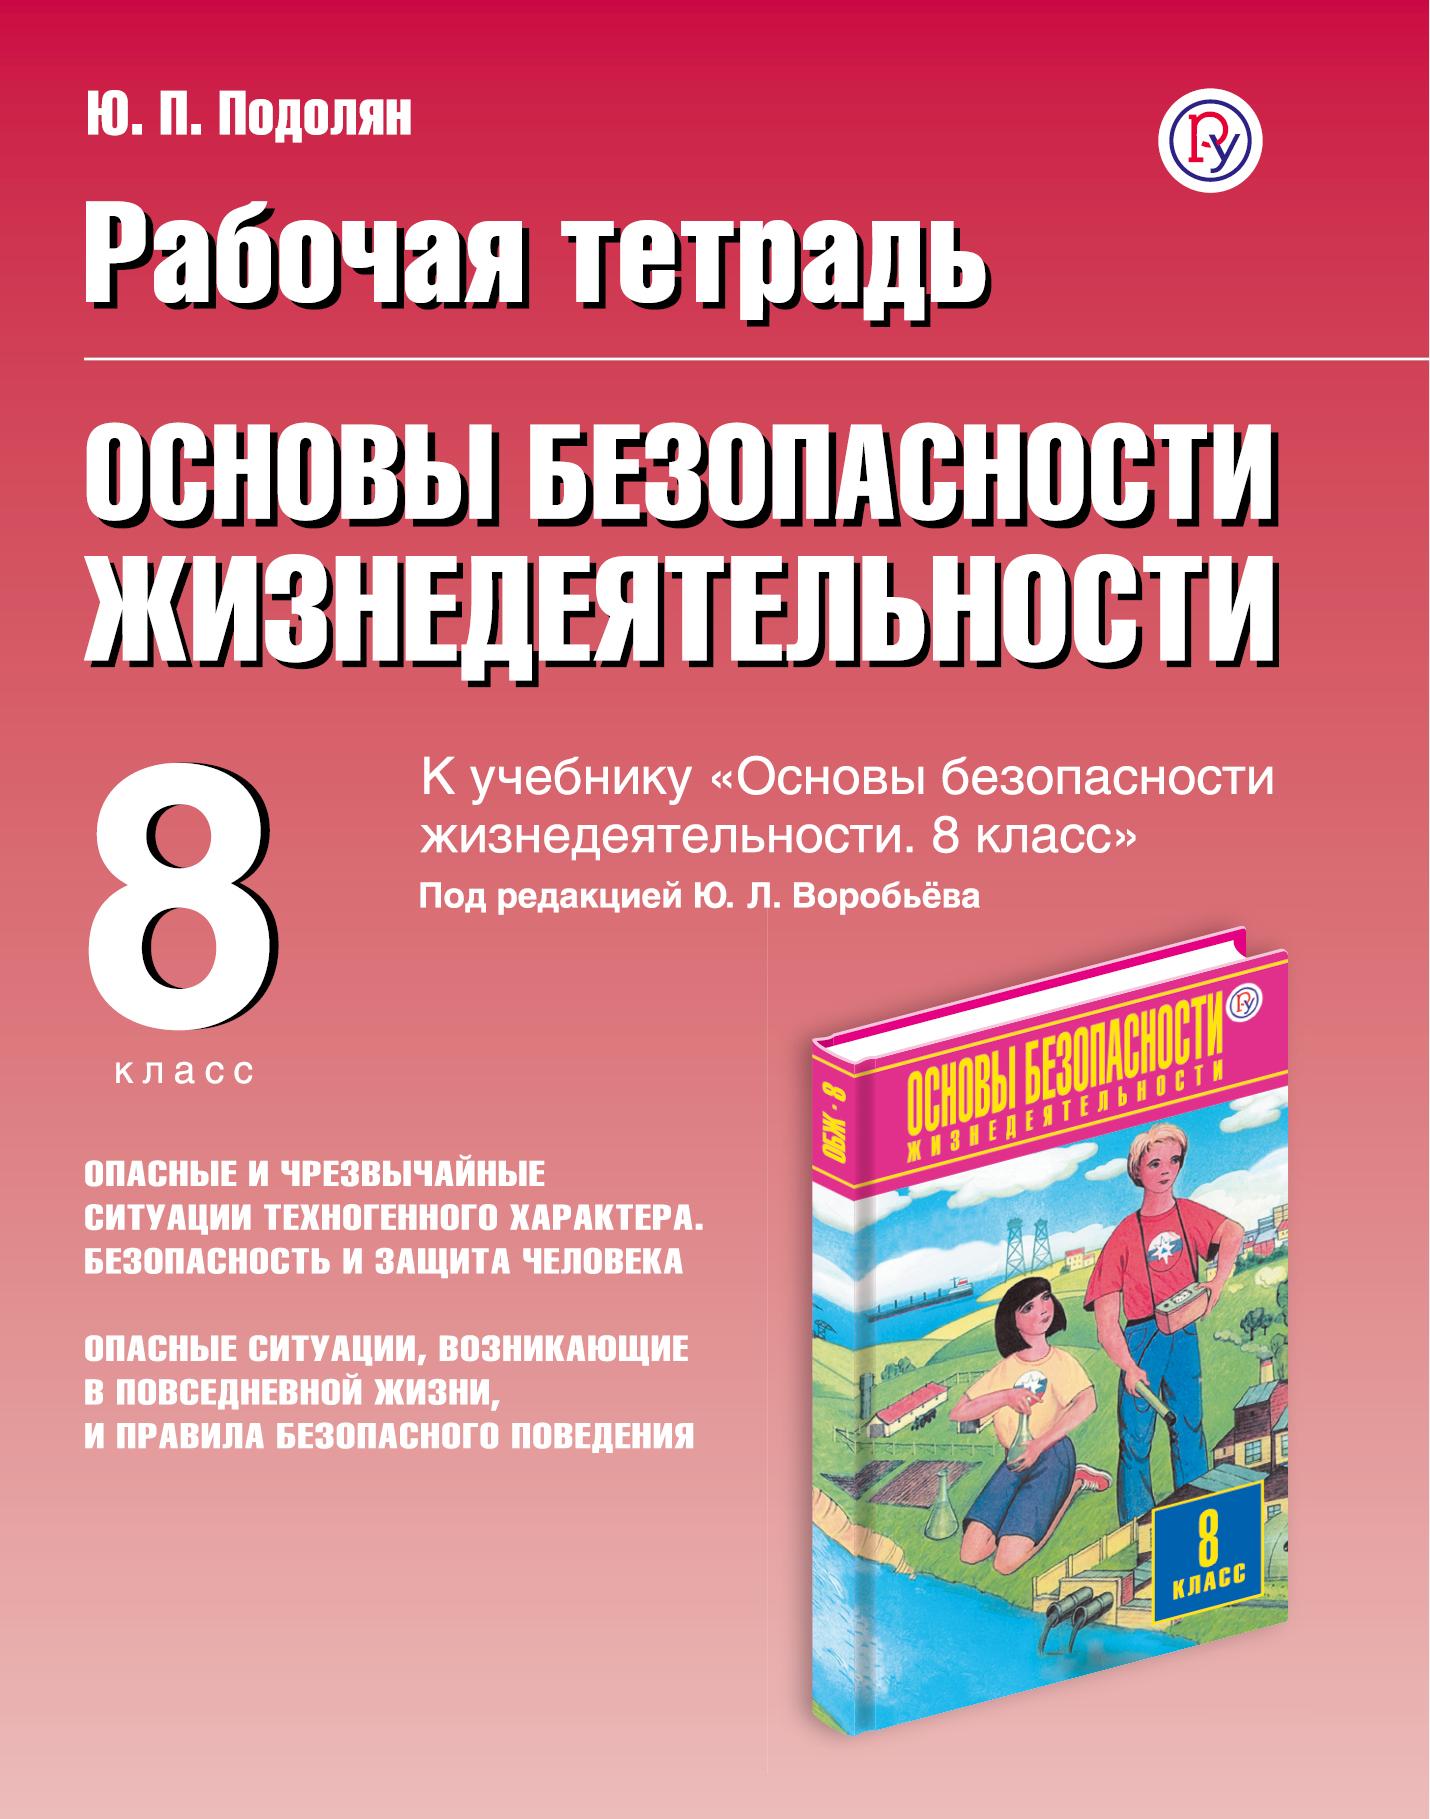 Ю.П. Подолян Основы безопасности жизнедеятельности. 8 класс. Рабочая тетрадь